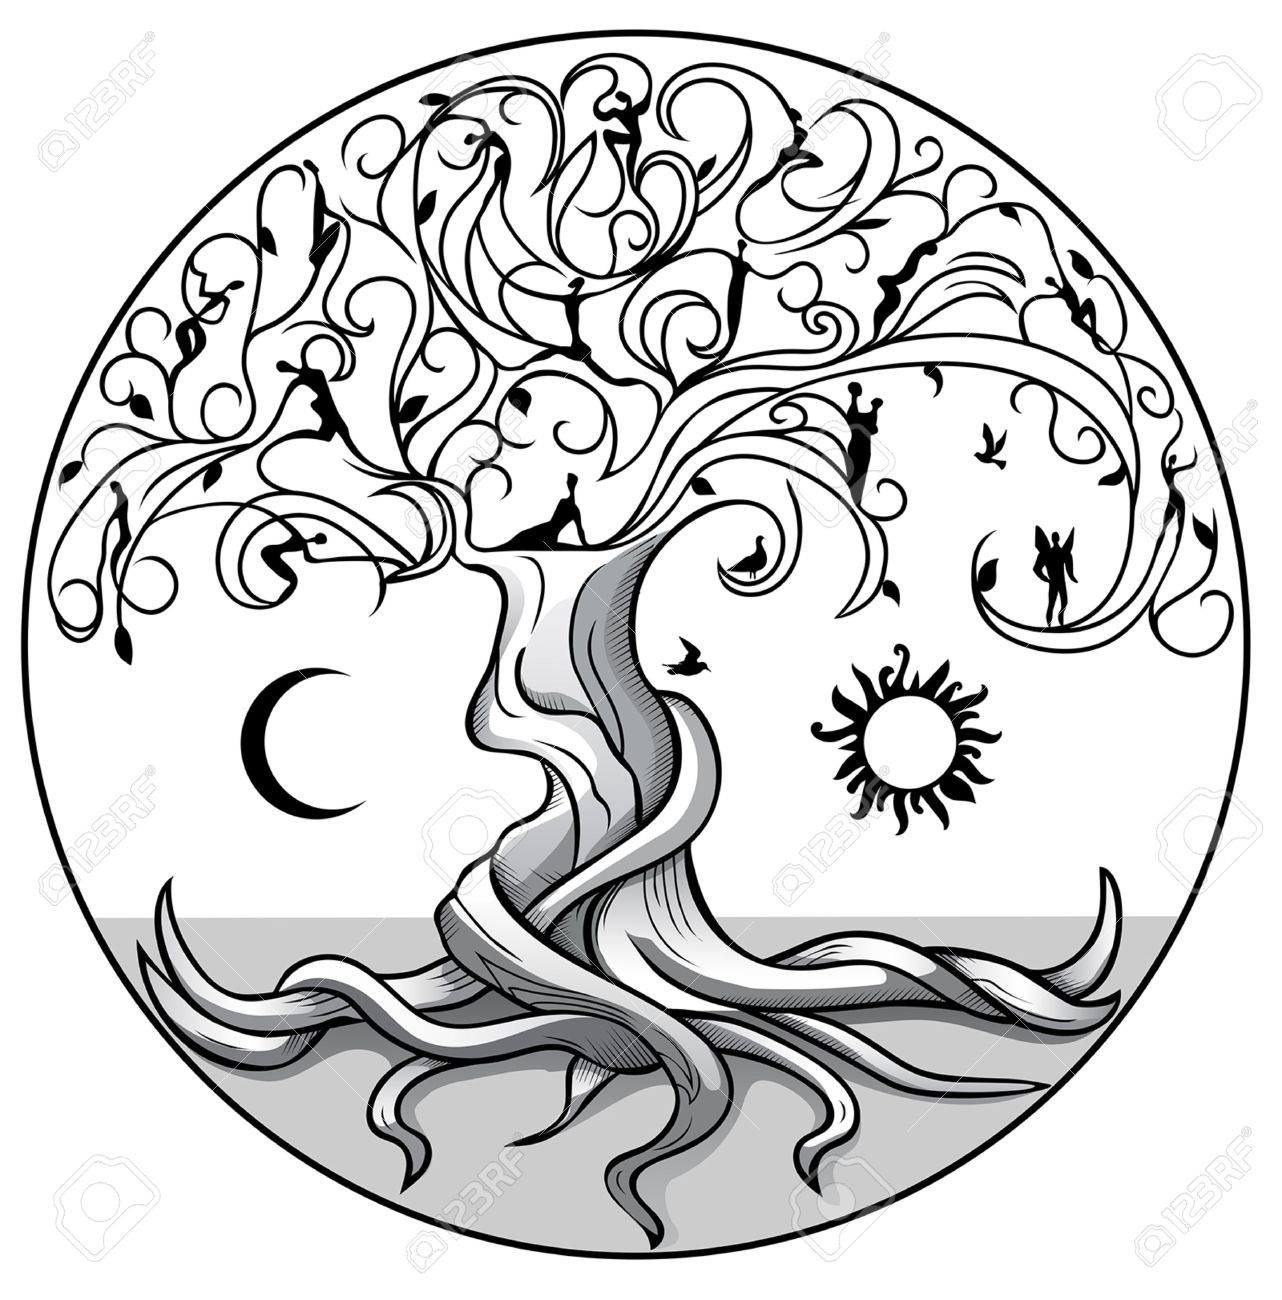 Baum Des Lebens Mit Sonne Und Mond Auf Weißem Hintergrund Lizenzfrei